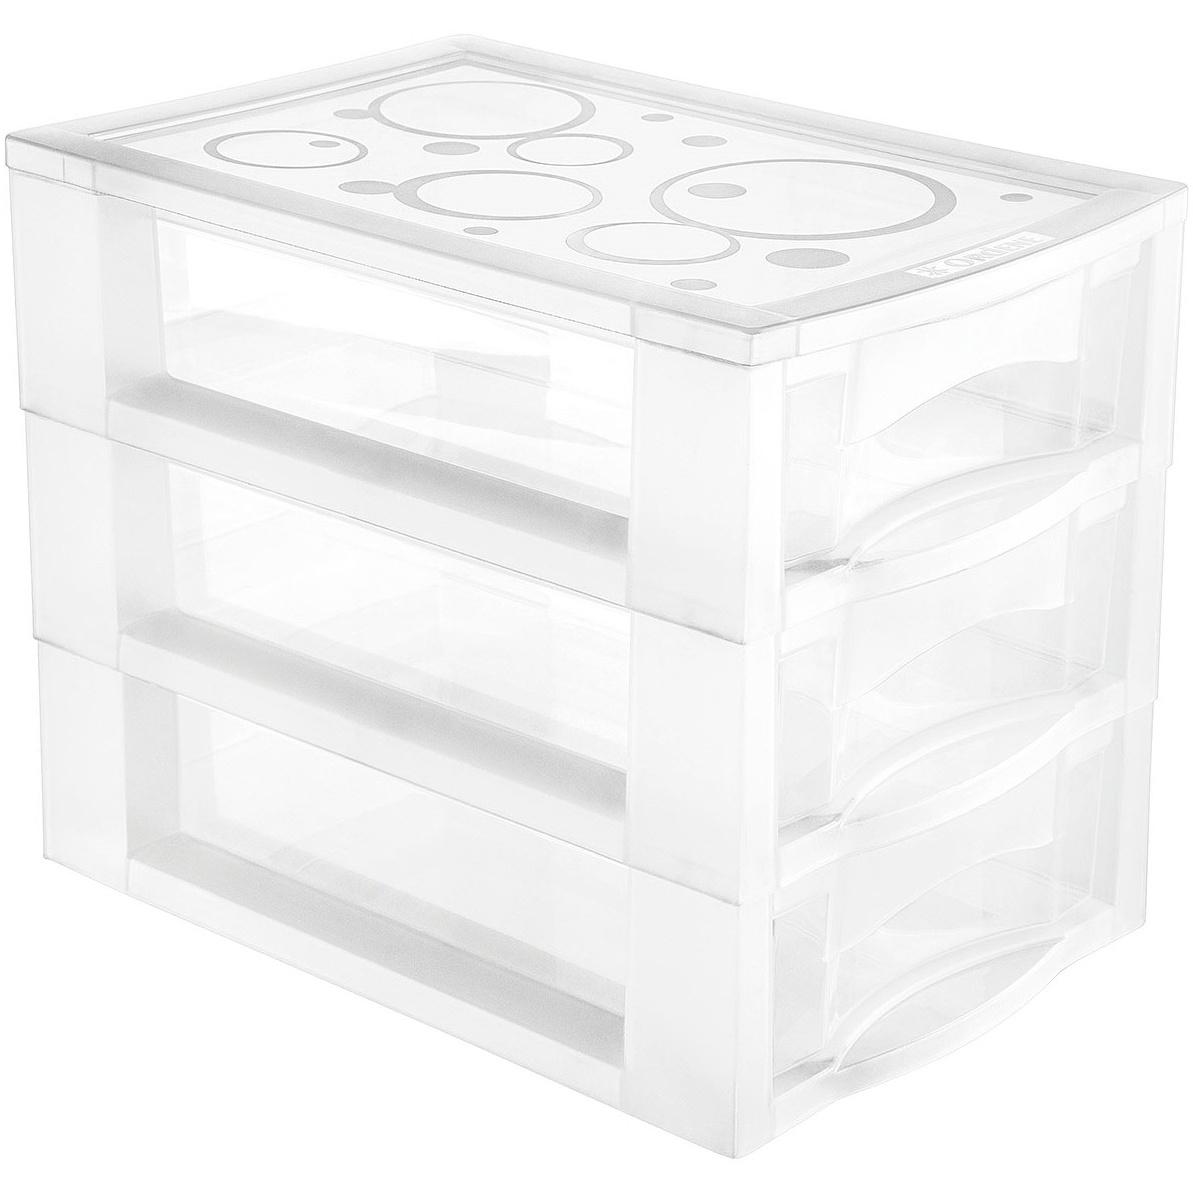 Gaveteiro de Plastico Branco com 3 Gavetas para Mesa 81300 - Ordene